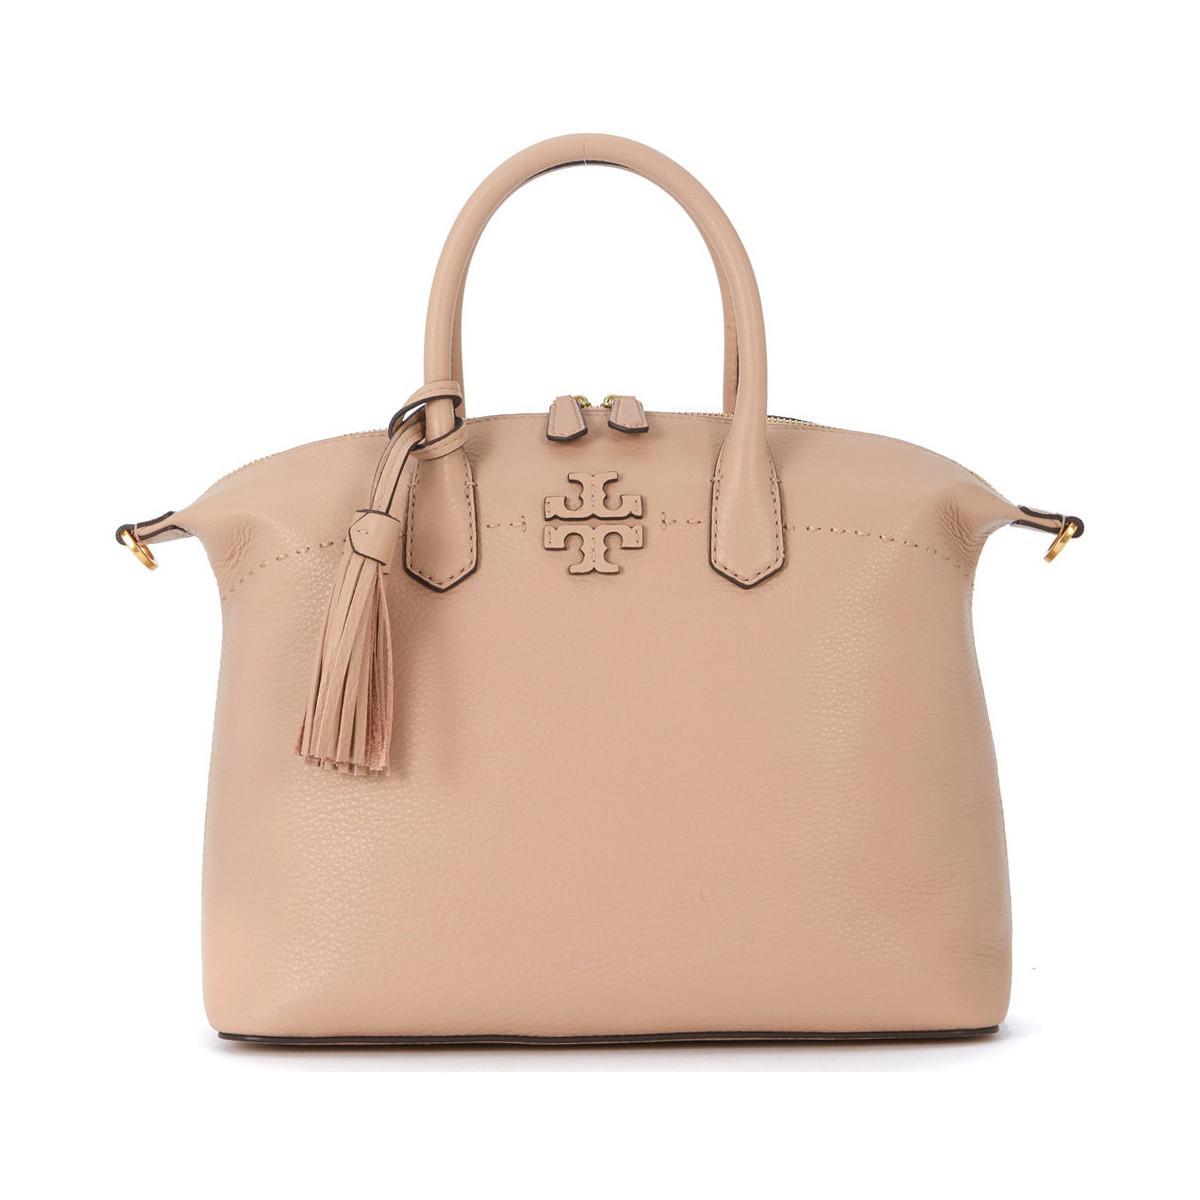 6a50dc2d01d40 Tory Burch Borsa A Mano Mcgraw In Pelle Sabbia Women s Handbags In ...